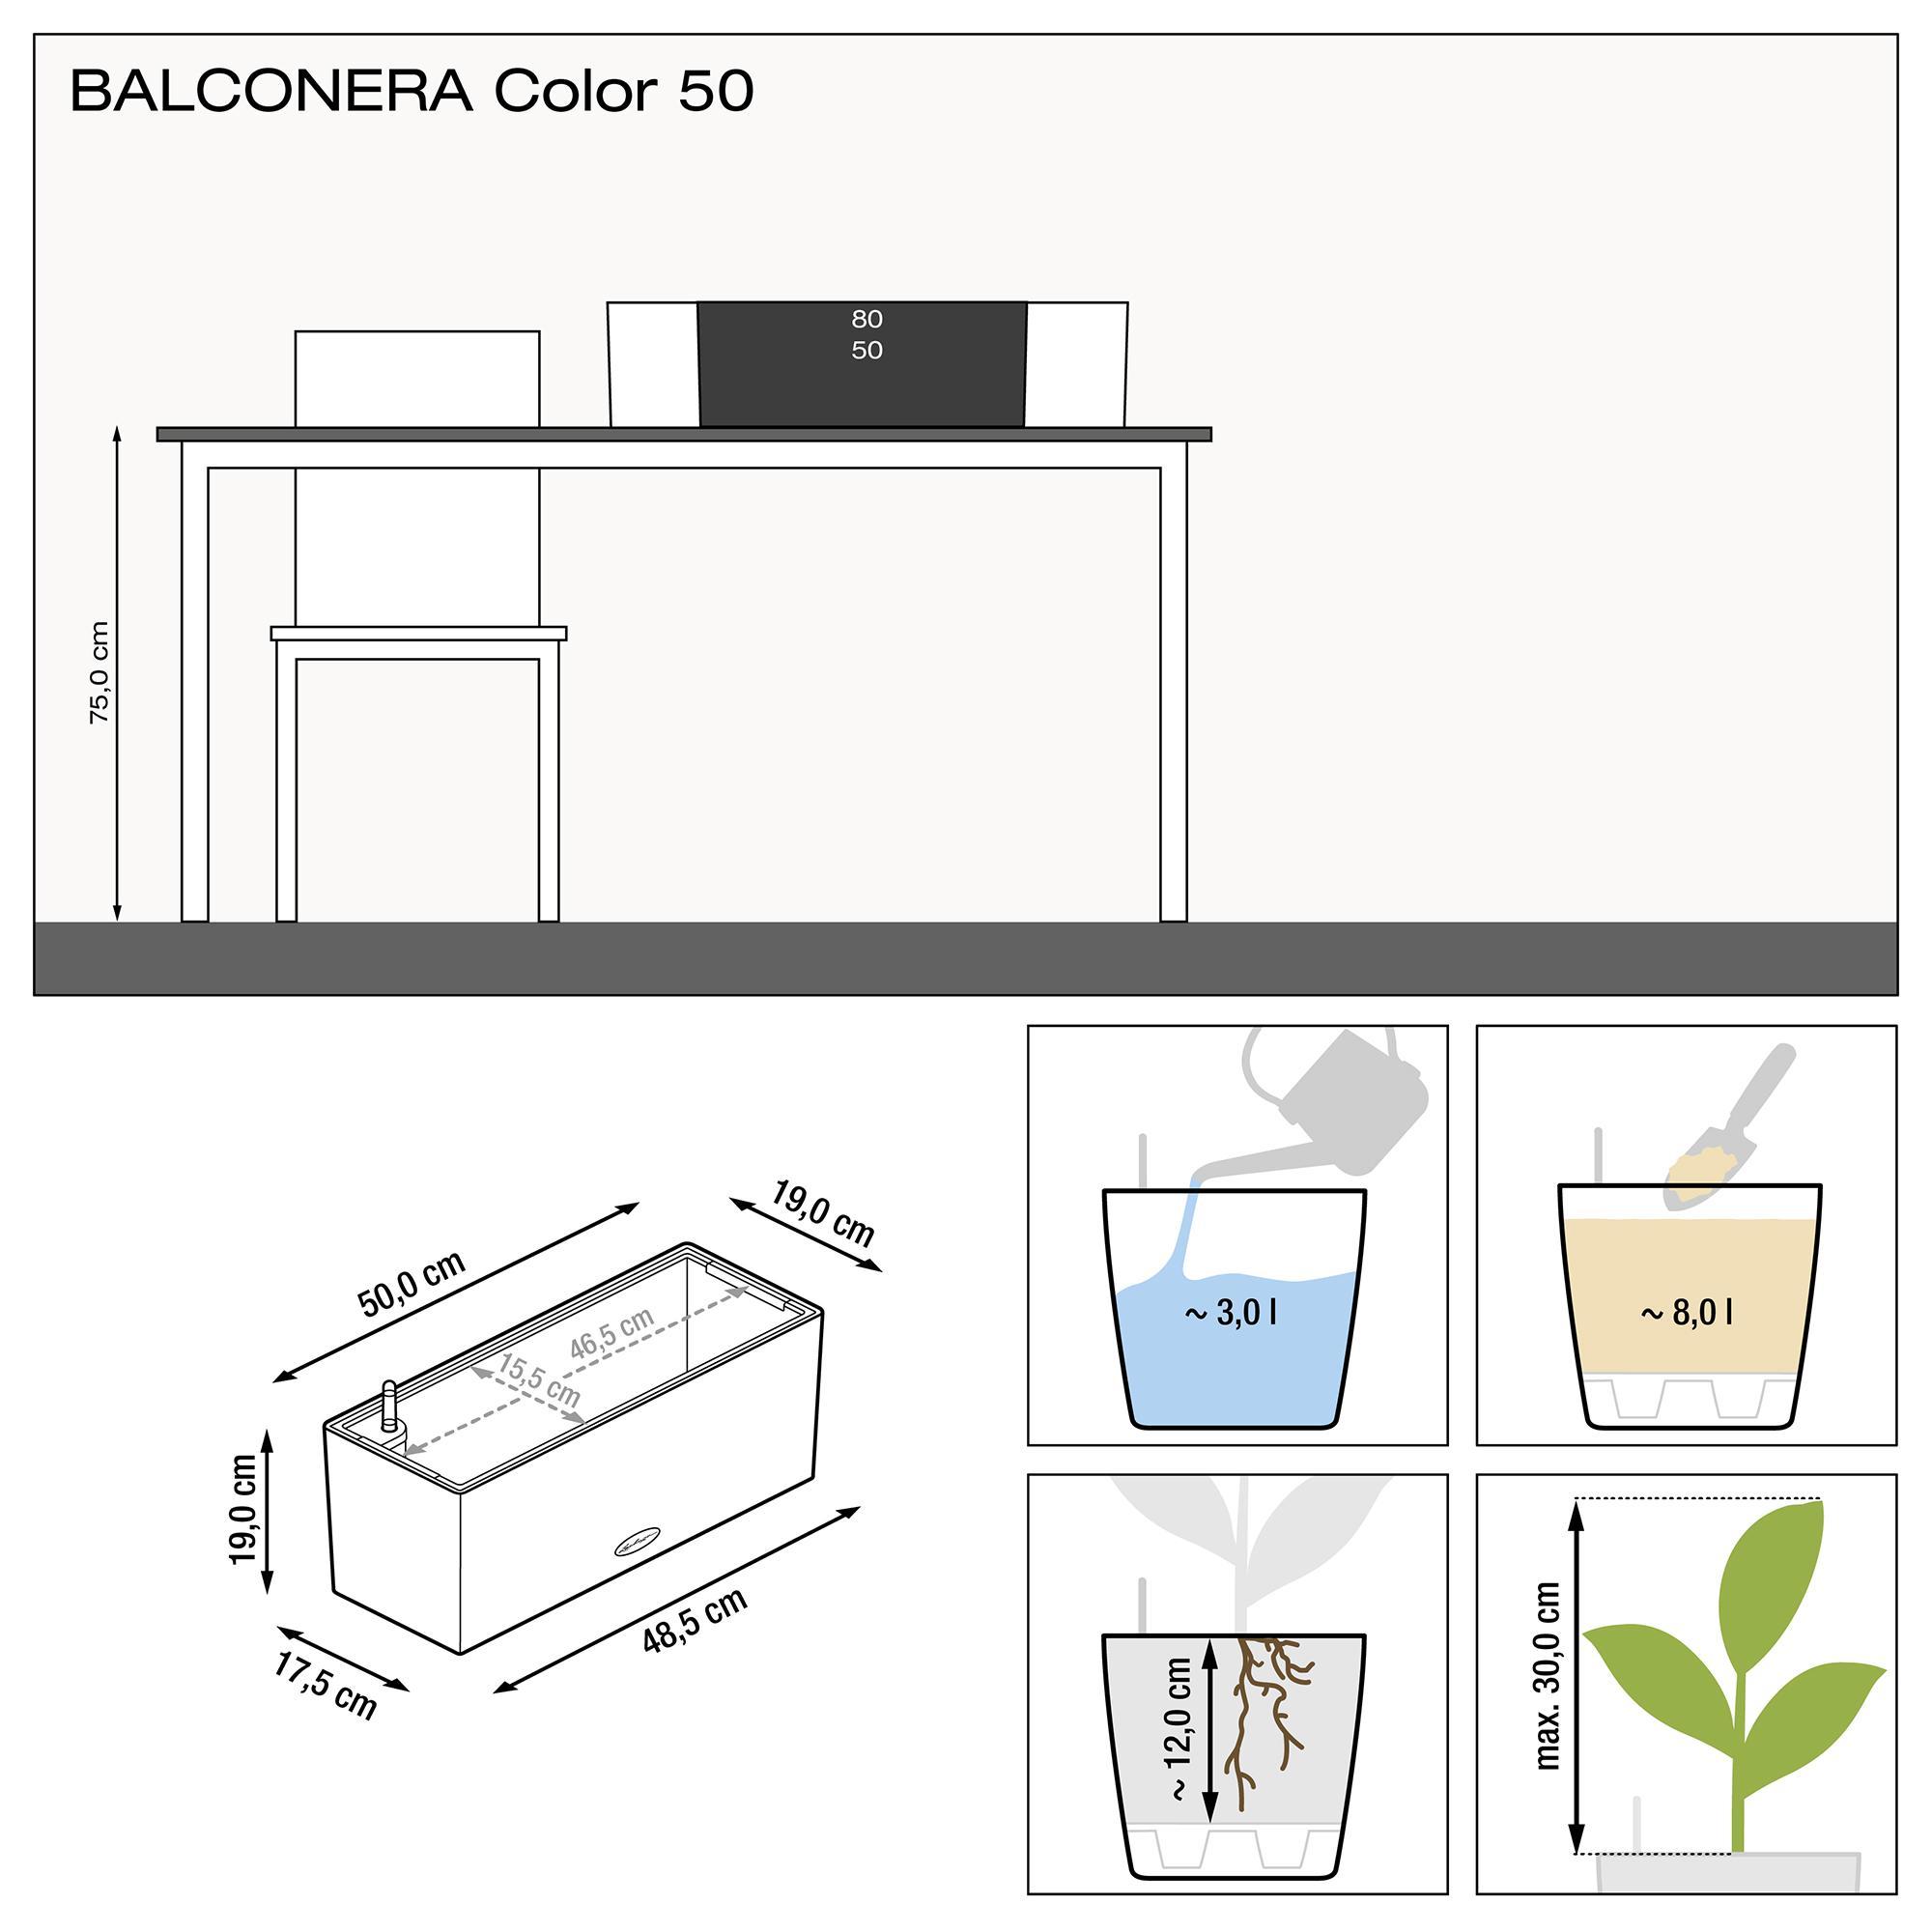 BALCONERA Cottage 50 granit - Image 3